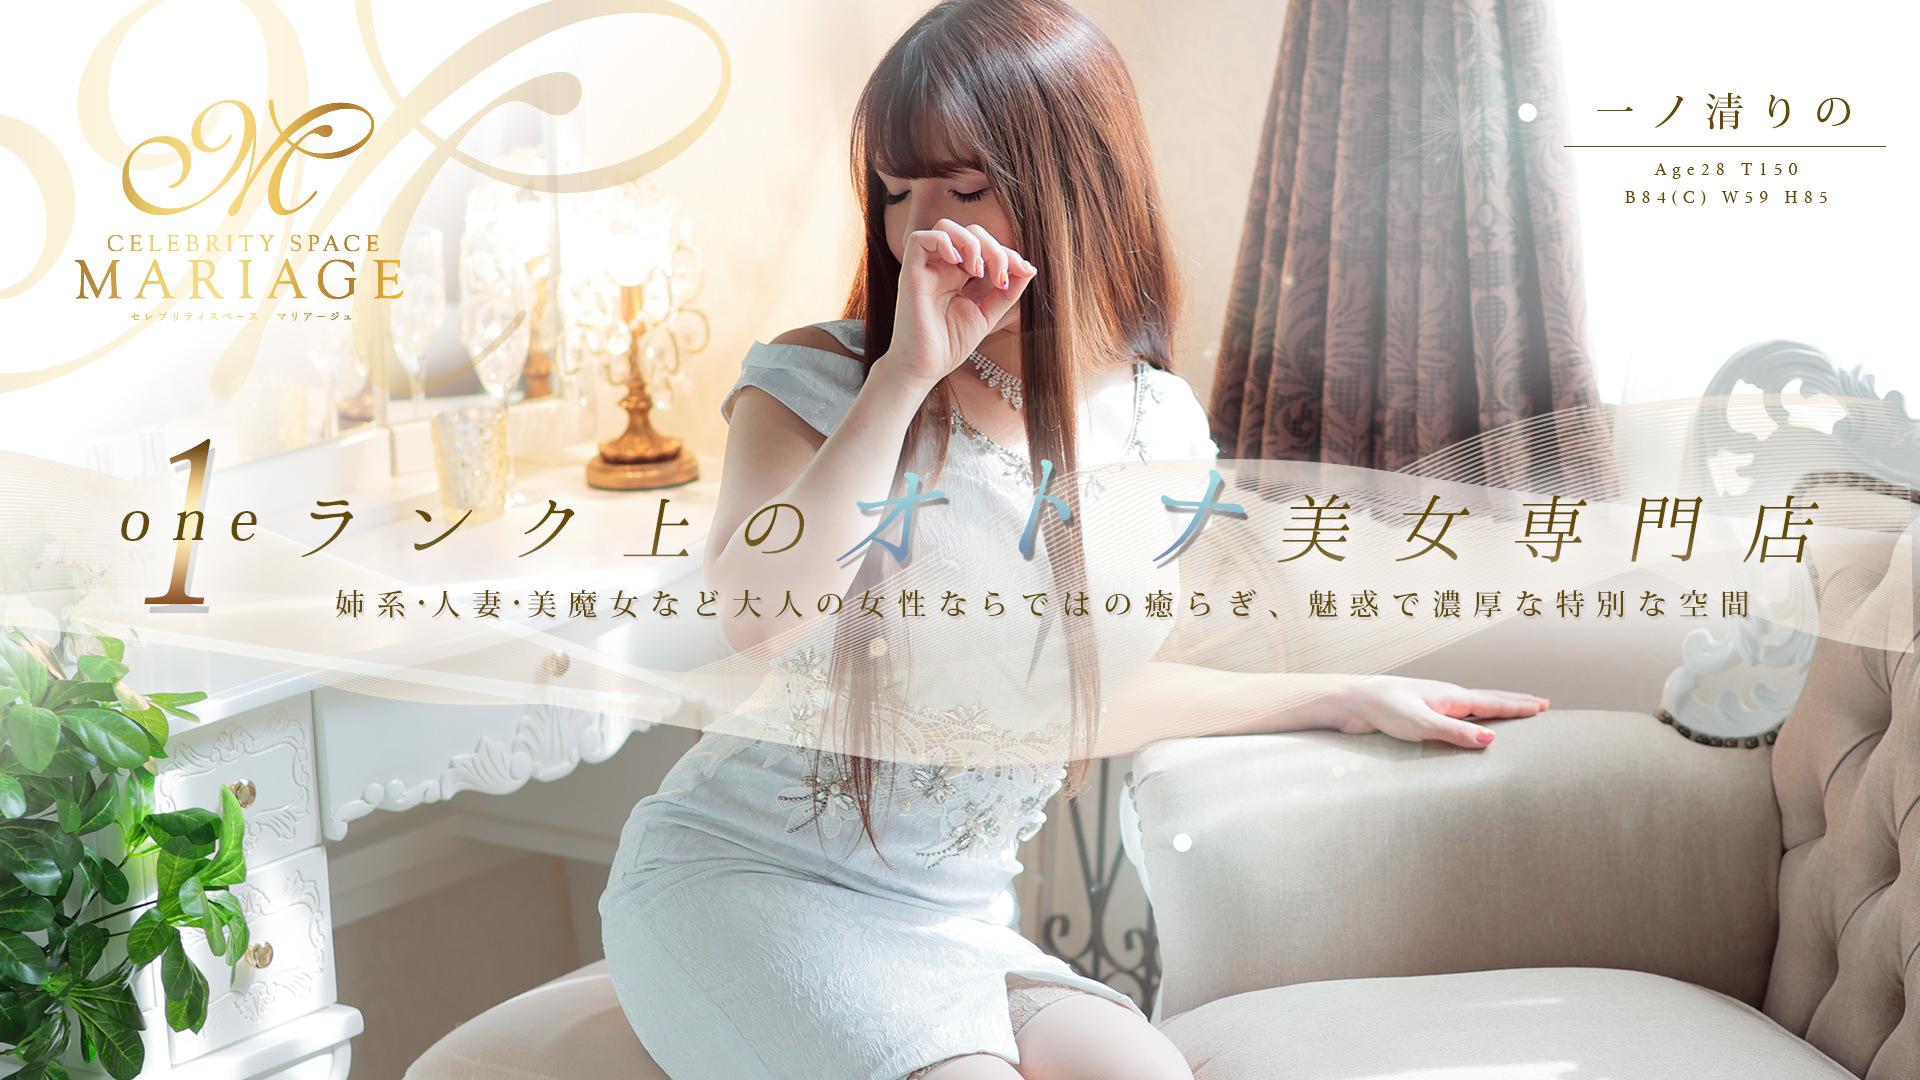 中洲風俗 ソープランド【マリアージュ - MARIAGE -】1ランク上のオトナ美女専門店